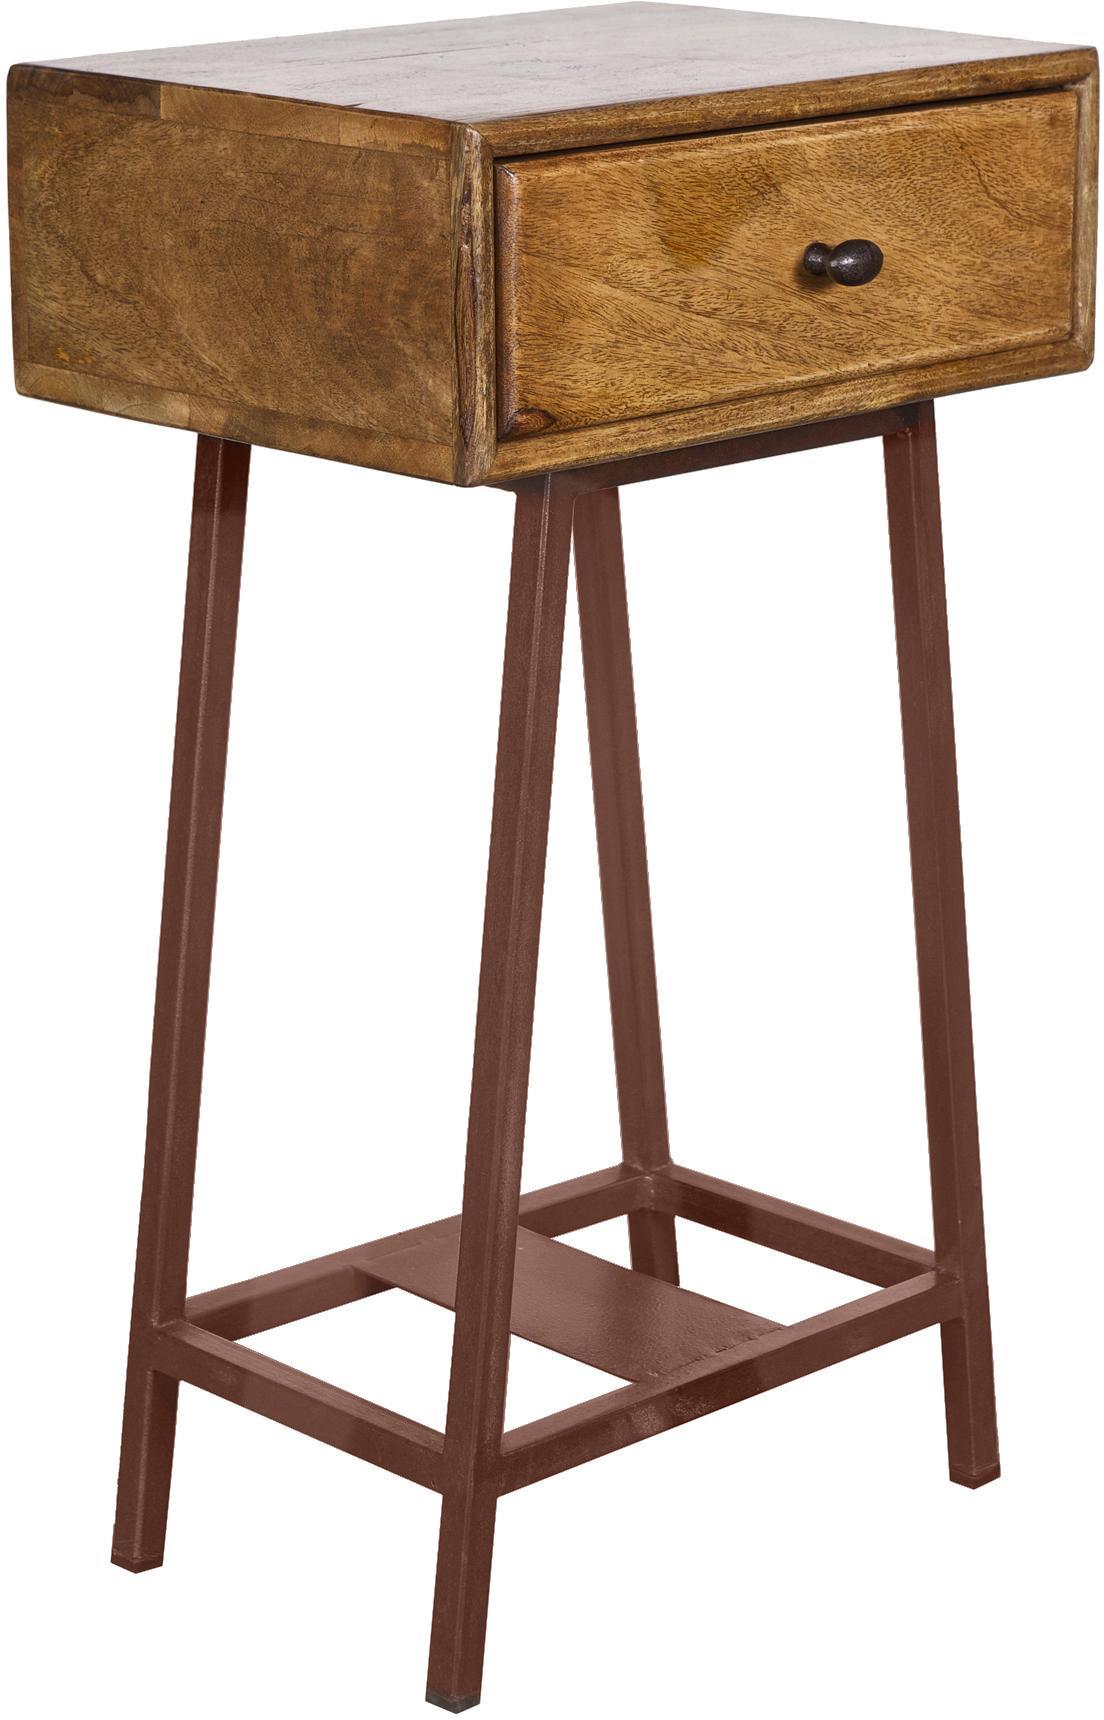 Tavolino con cassetto Skybox, Legno di pino, marrone ruggine, Larg. 40 x Alt.70 cm